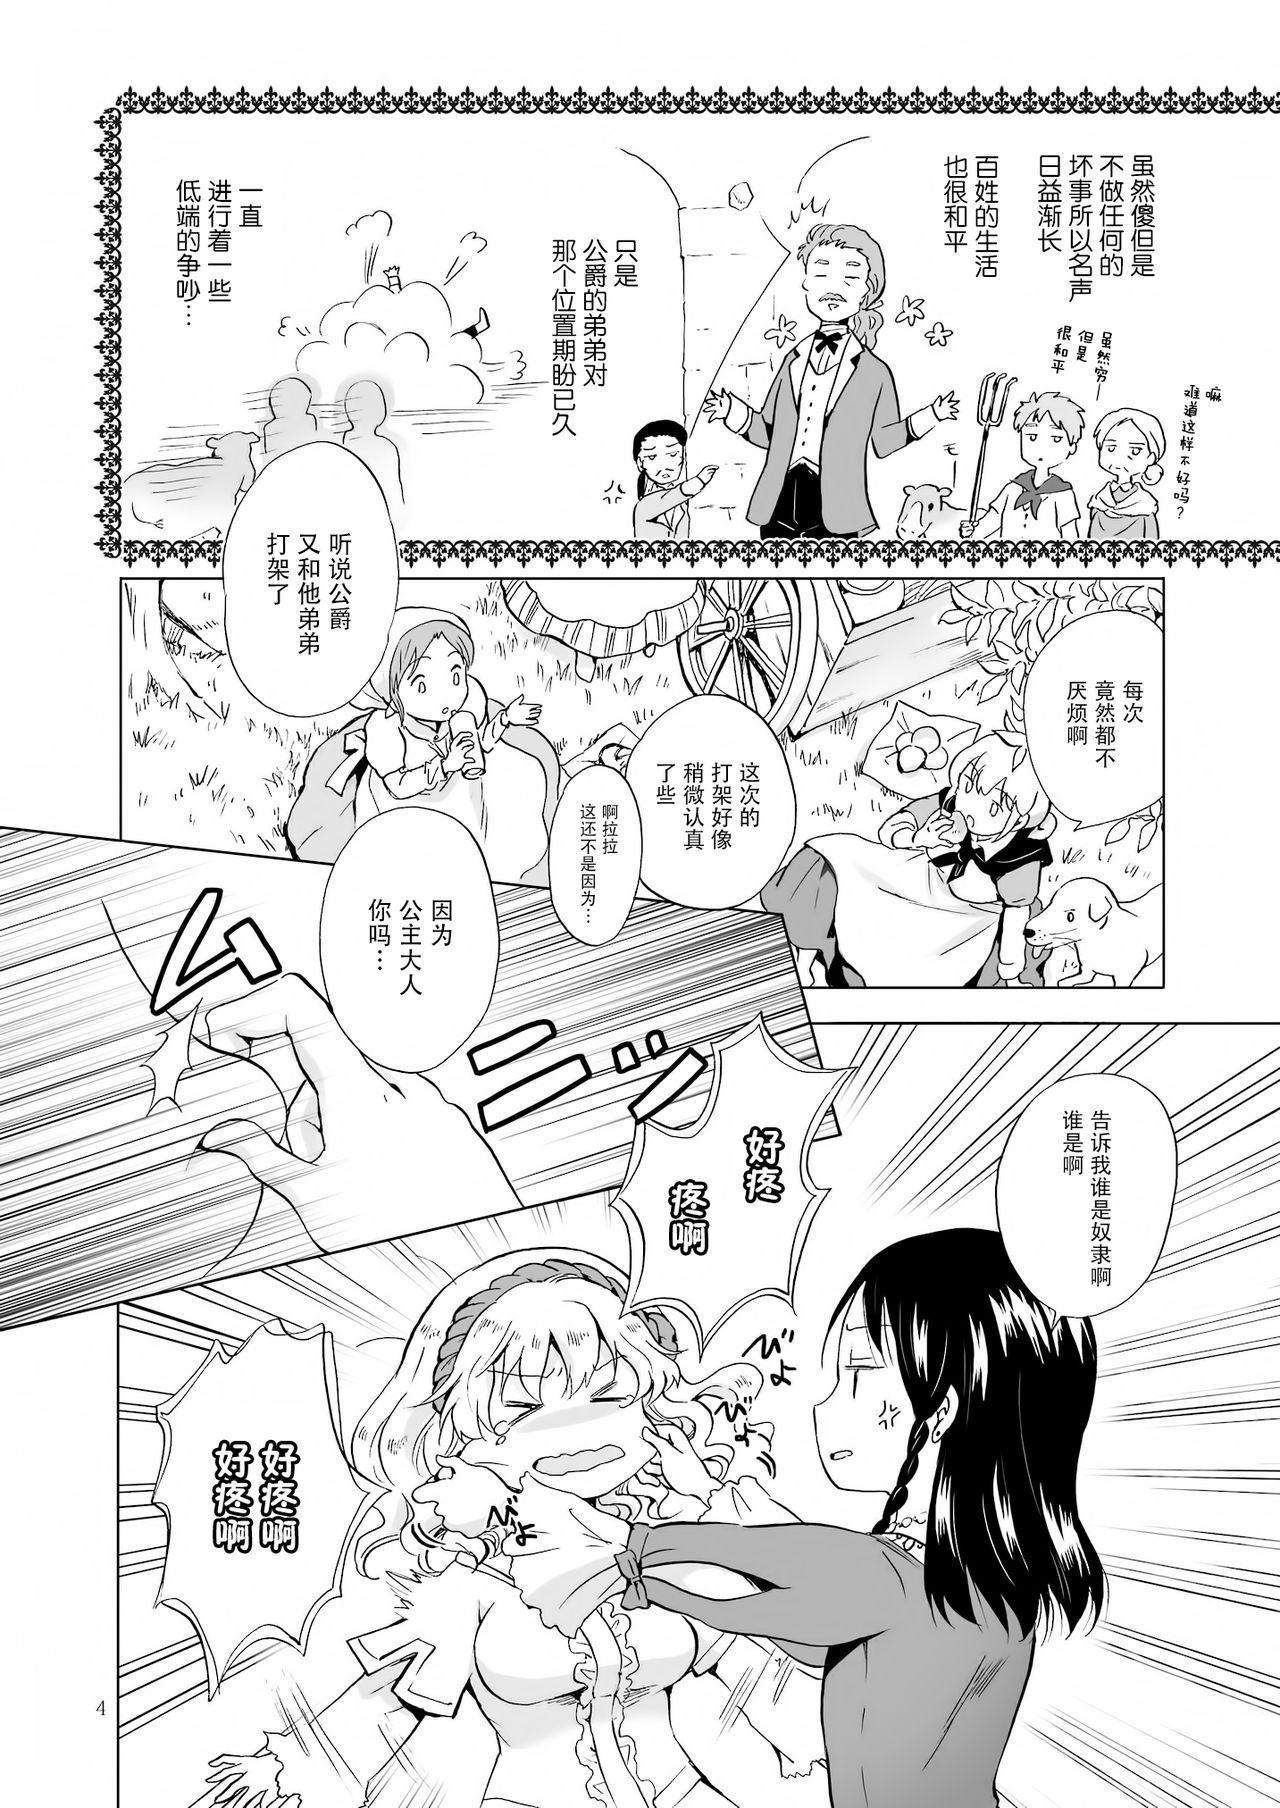 [peachpulsar (Mira)] Hime-sama to Dorei-chan [Chinese] [脸肿汉化组] [Digital] 3